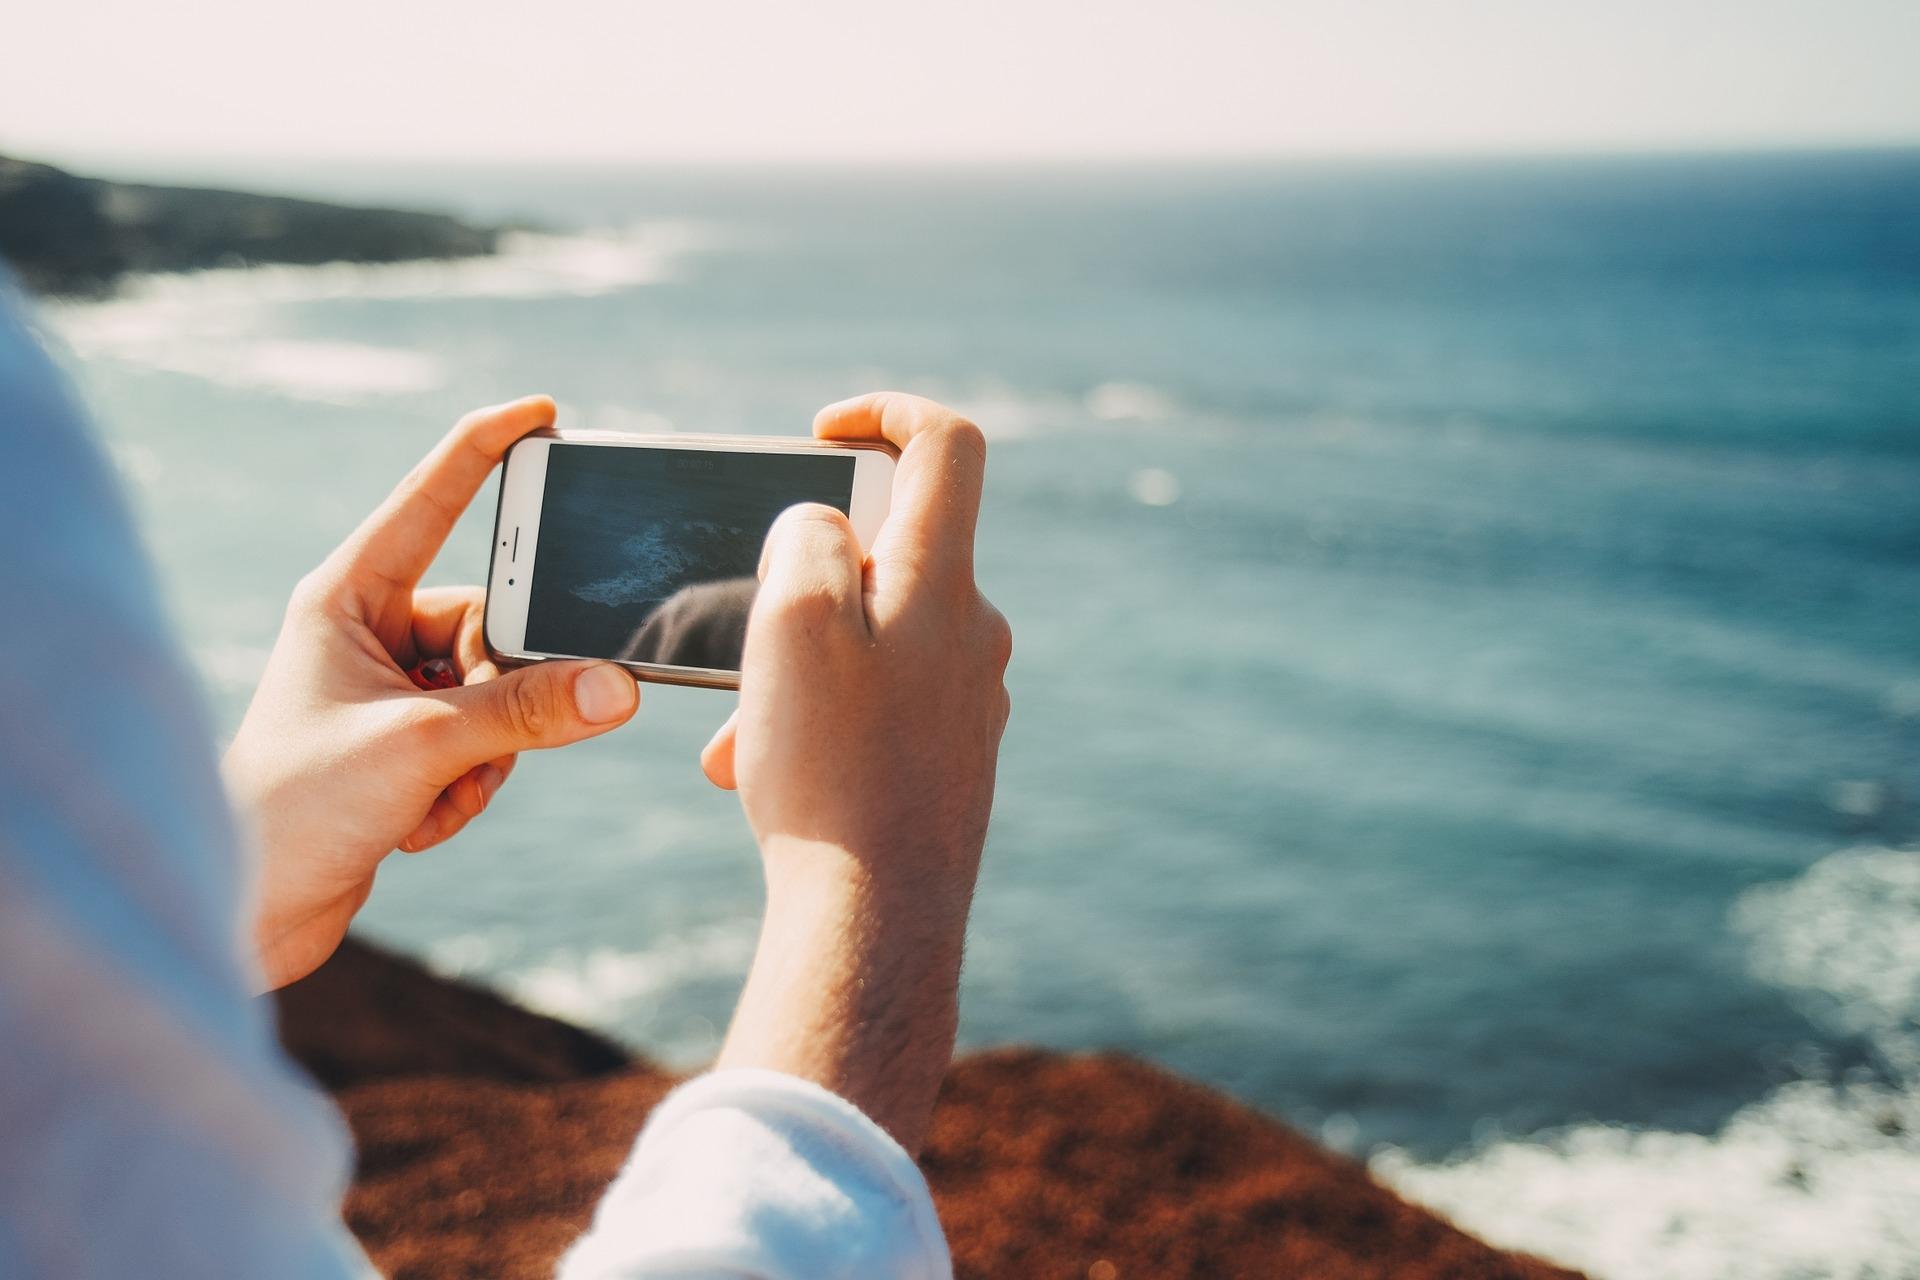 專心拍照,讓人更容易遺忘拍照內容以外的體驗。圖片來源:Pixabay